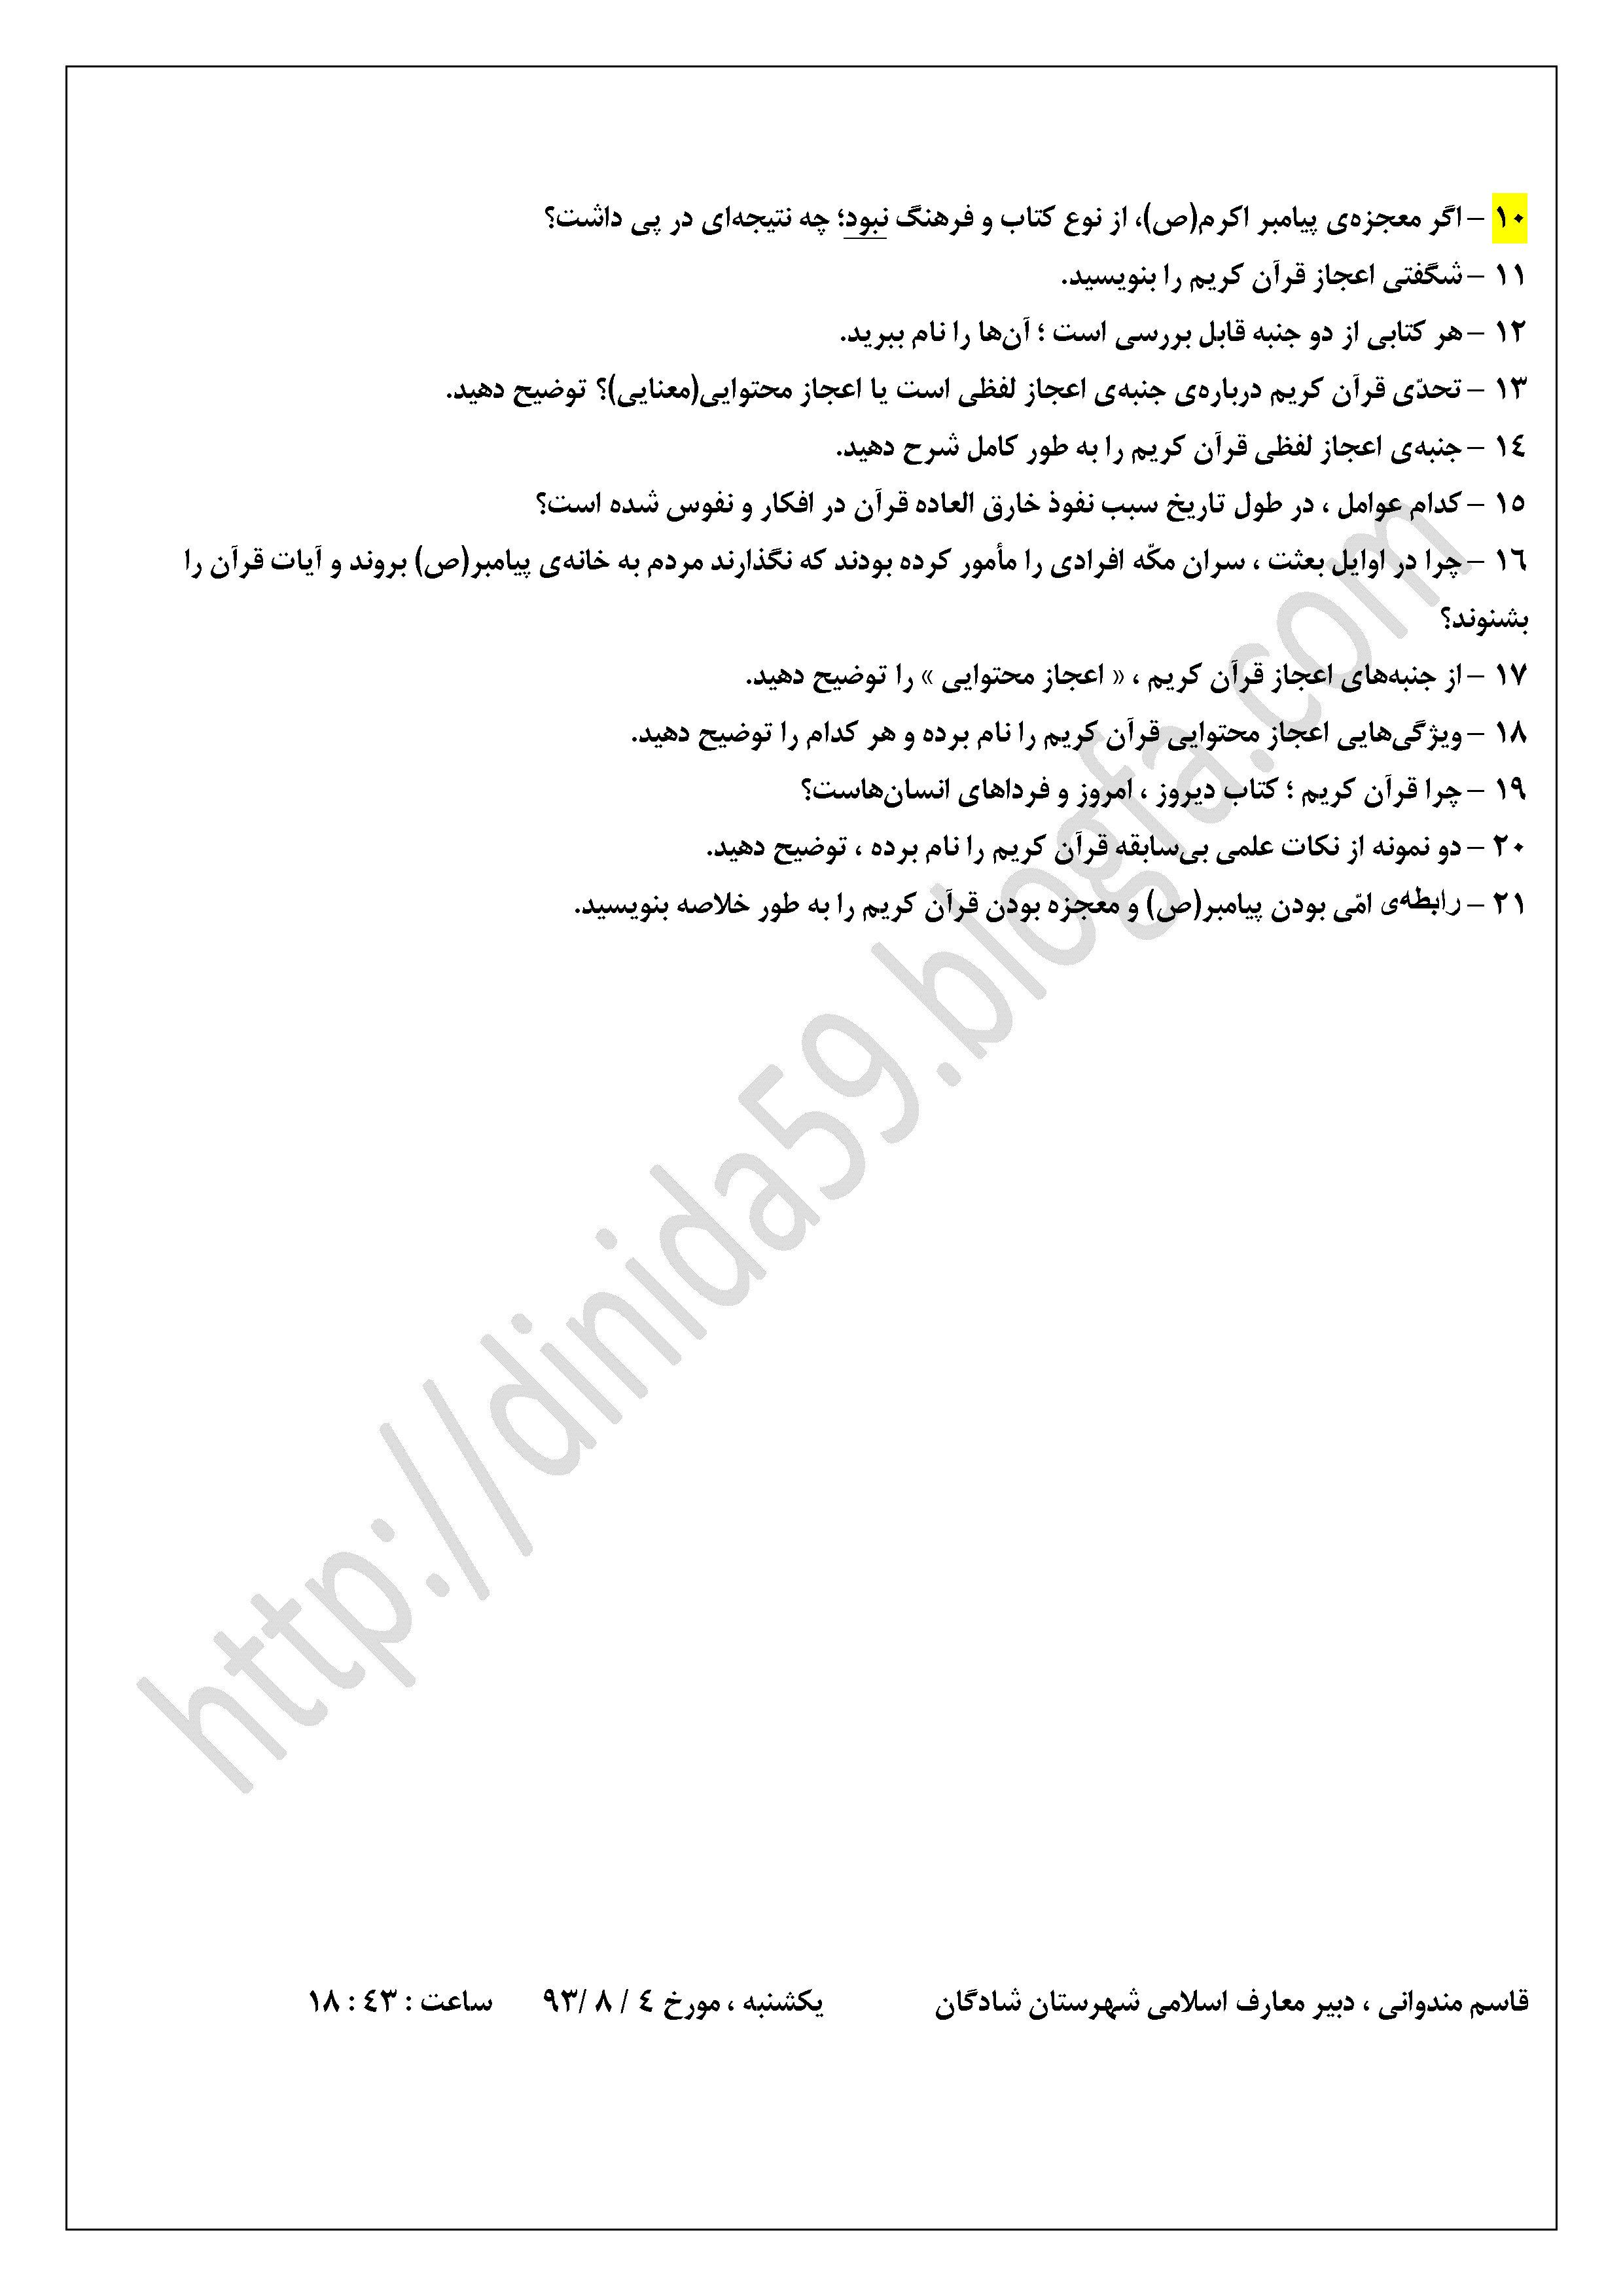 دین وزندگی تایبادسؤالات درس سوم ، صفحه دوم